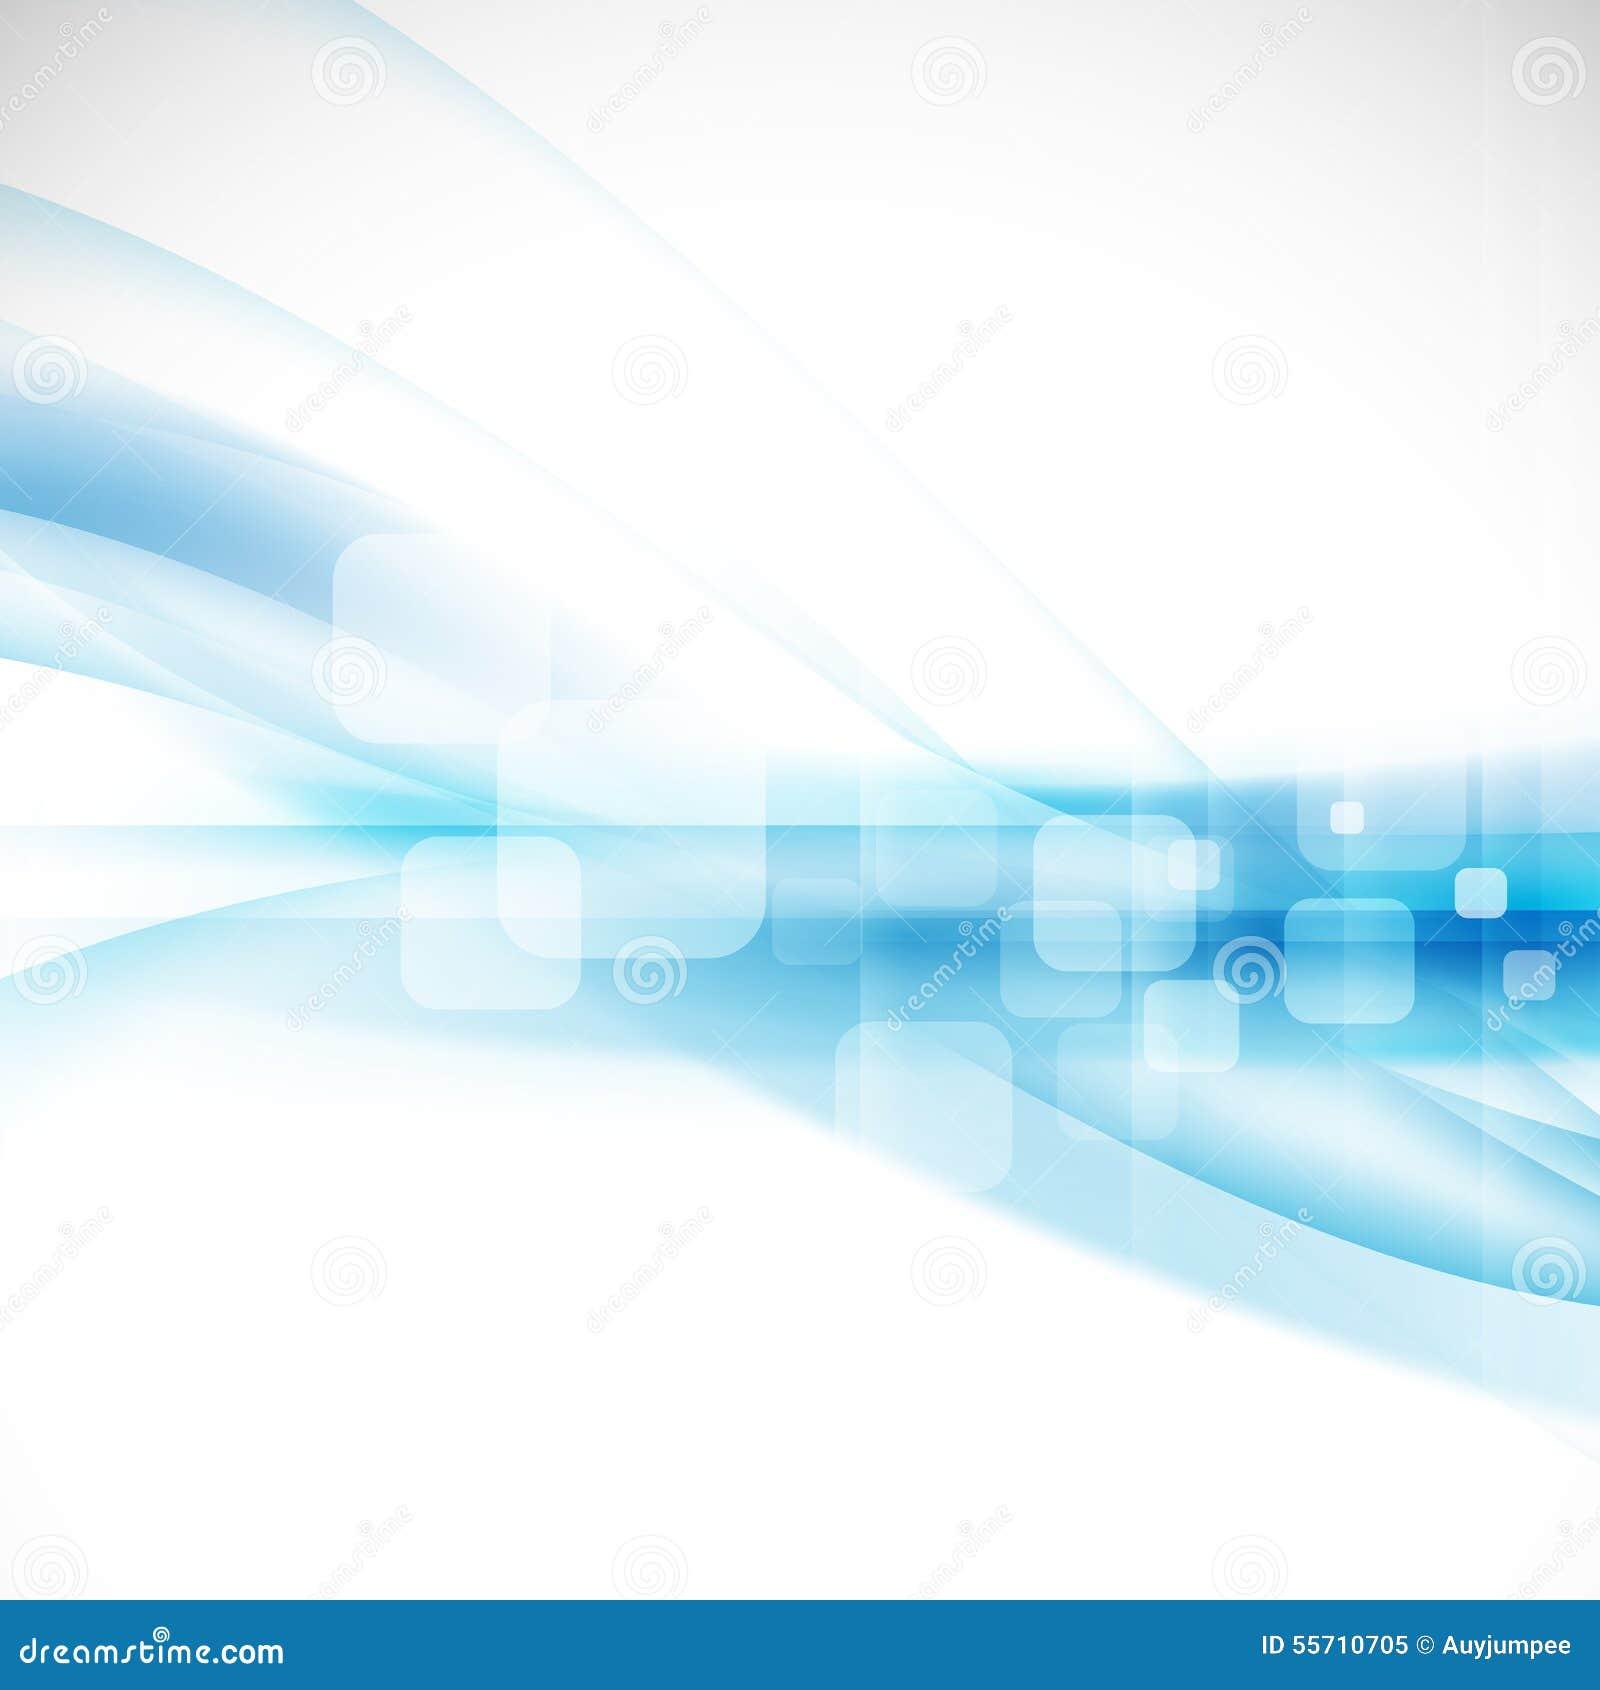 Abstracte stroom blauwe achtergrond voor technologie of wetenschapsconceptenpresentatie, Vector & illustratie